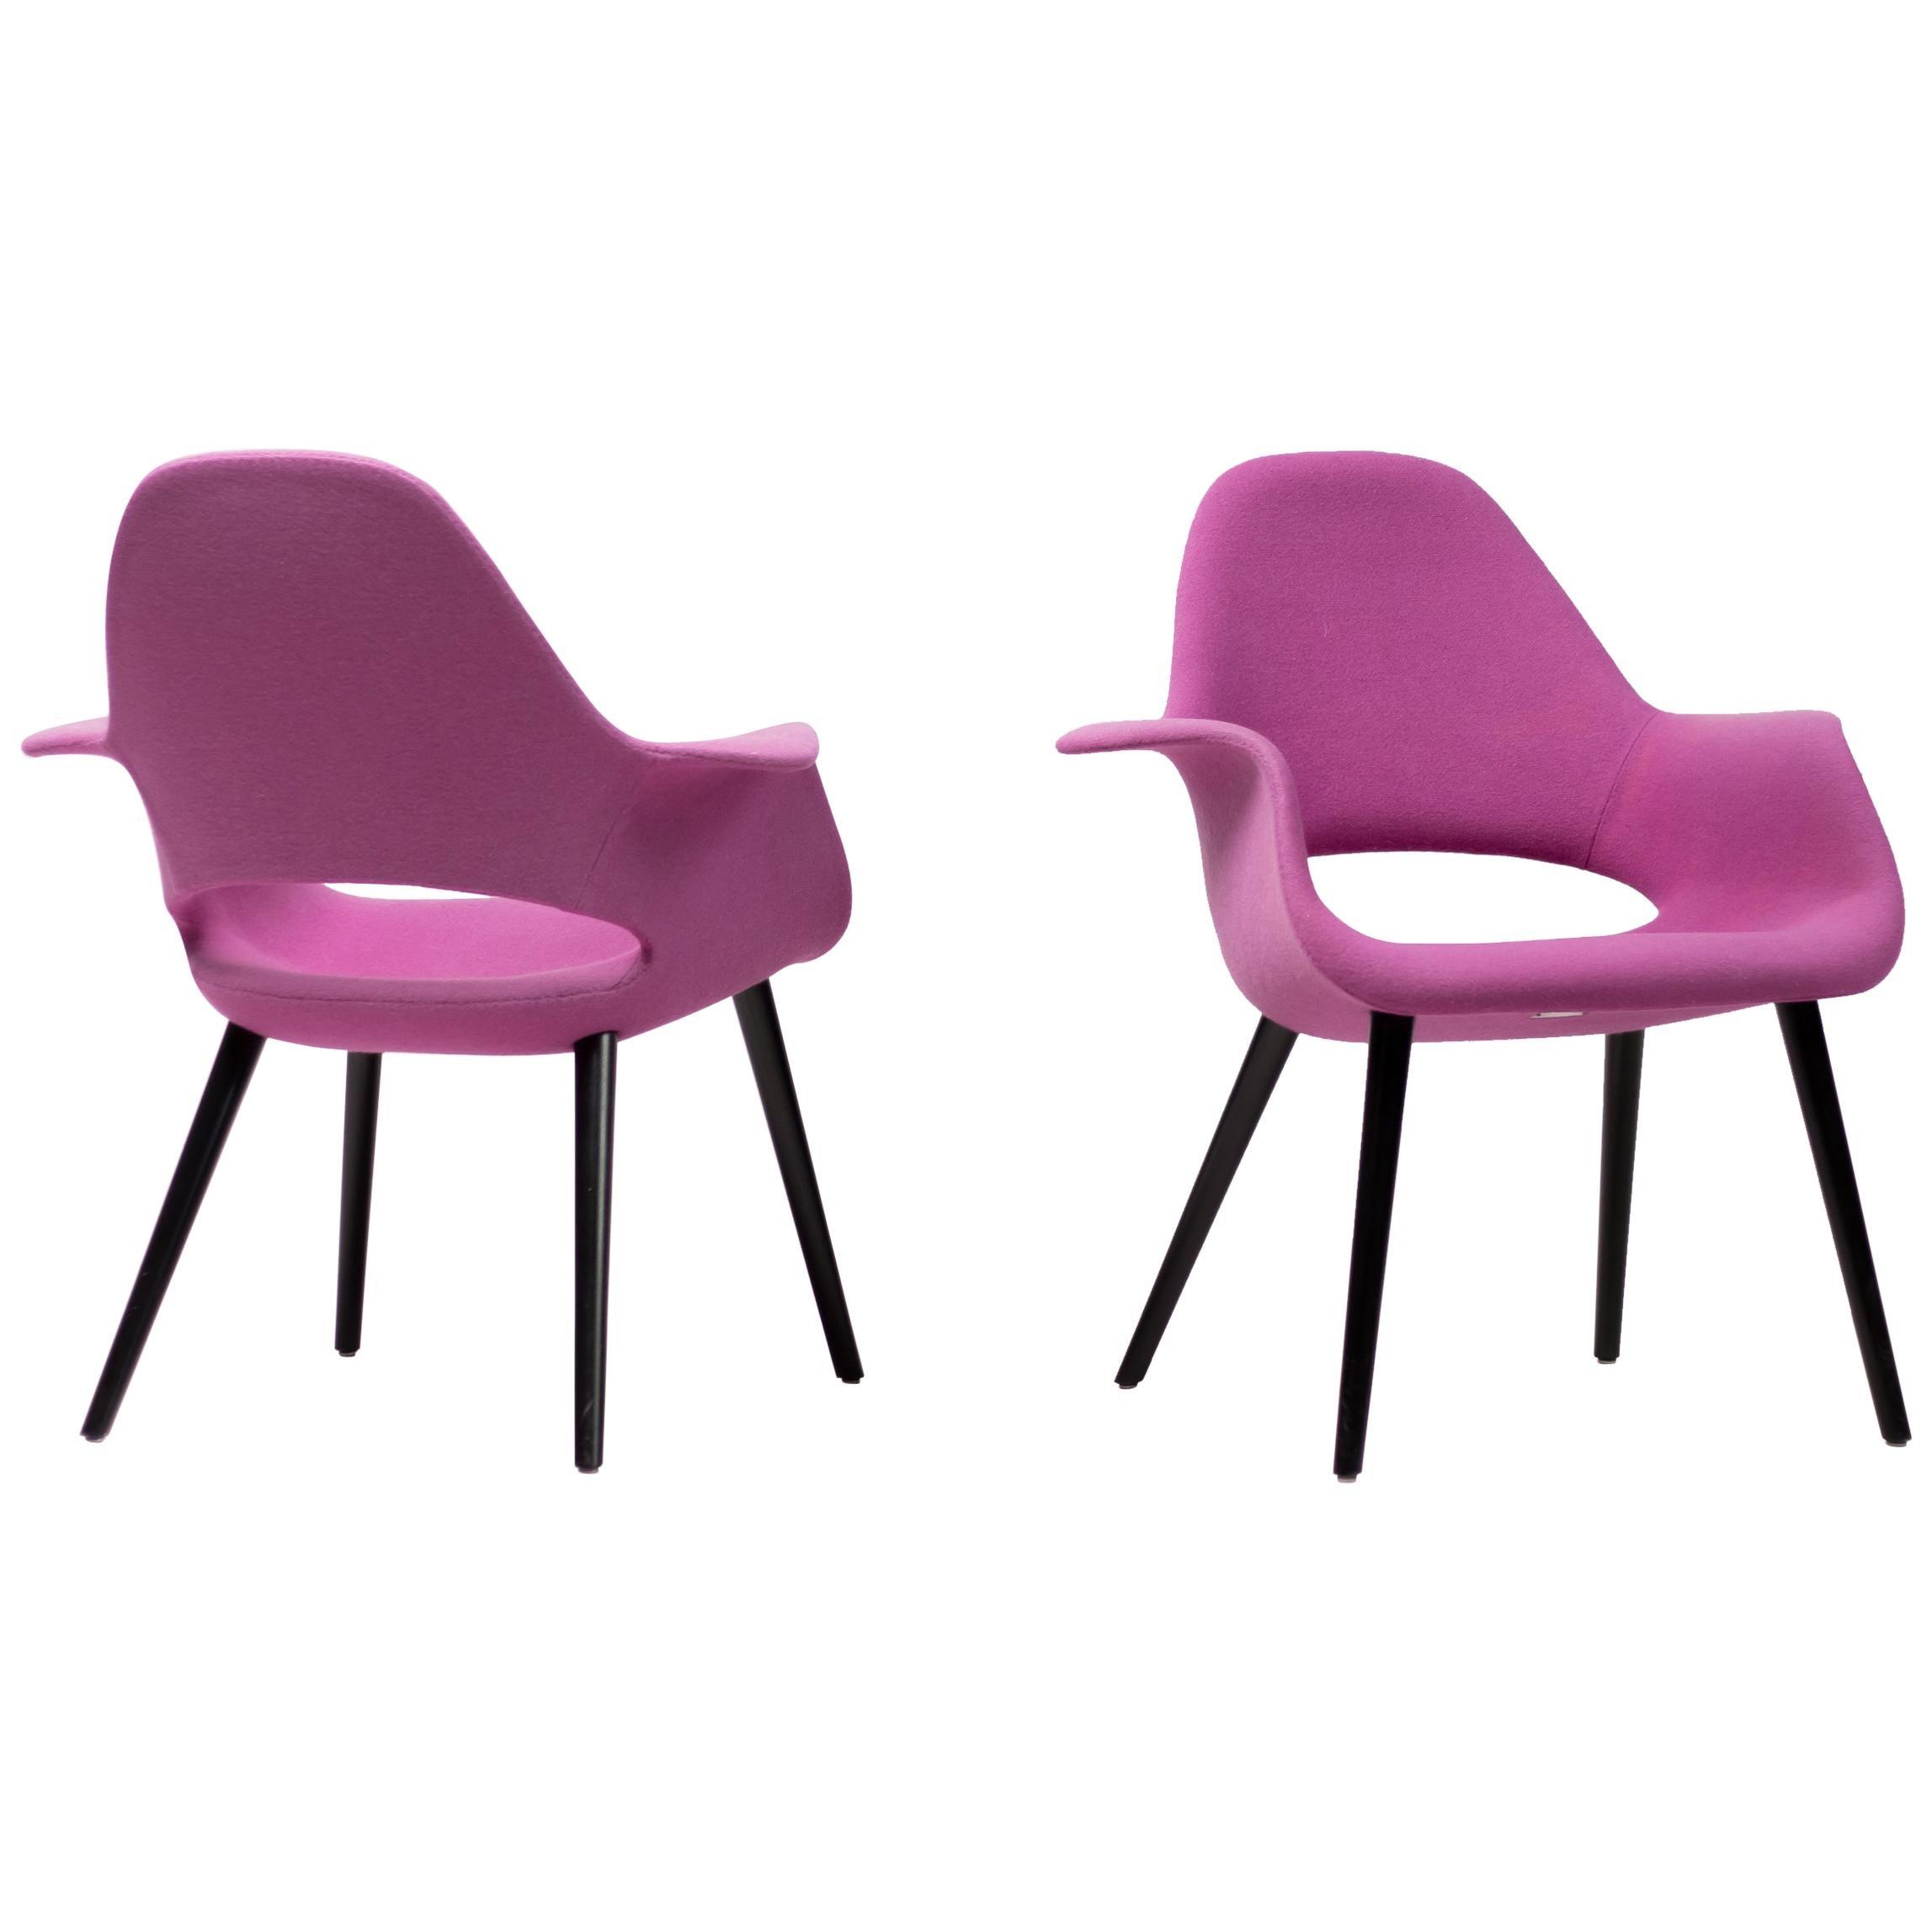 Pair of Organic Chairs by Charles Eames & Eero Saarinen